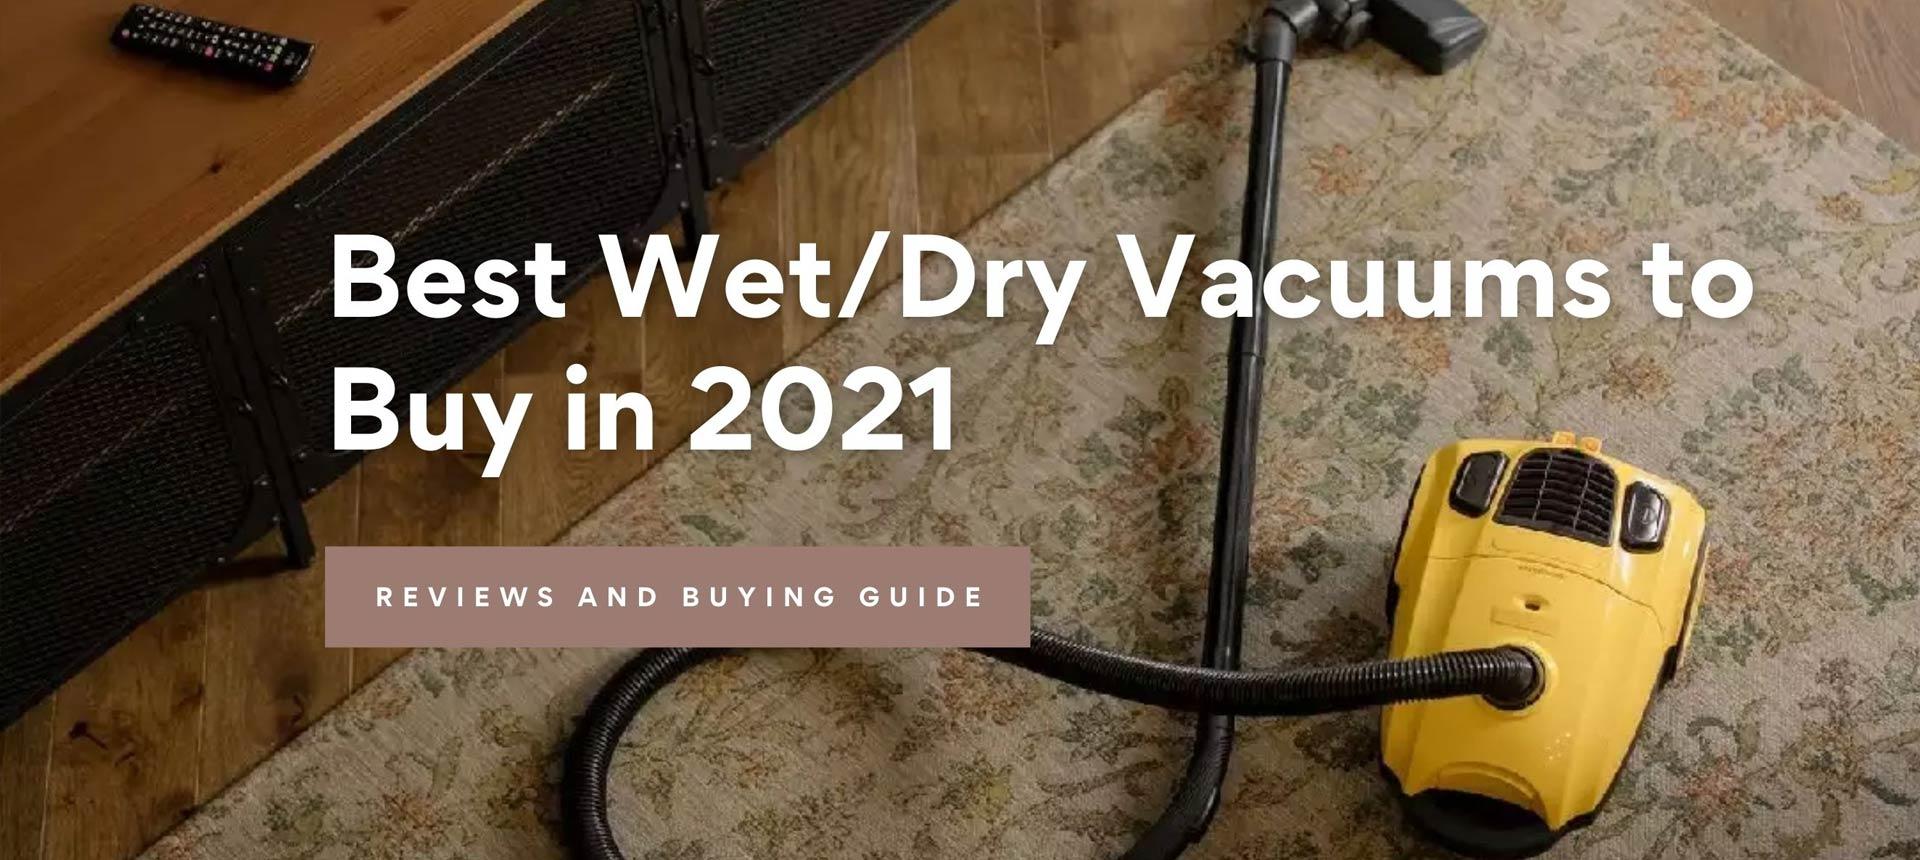 Best Wet/Dry Vacuums to Buy in 2021